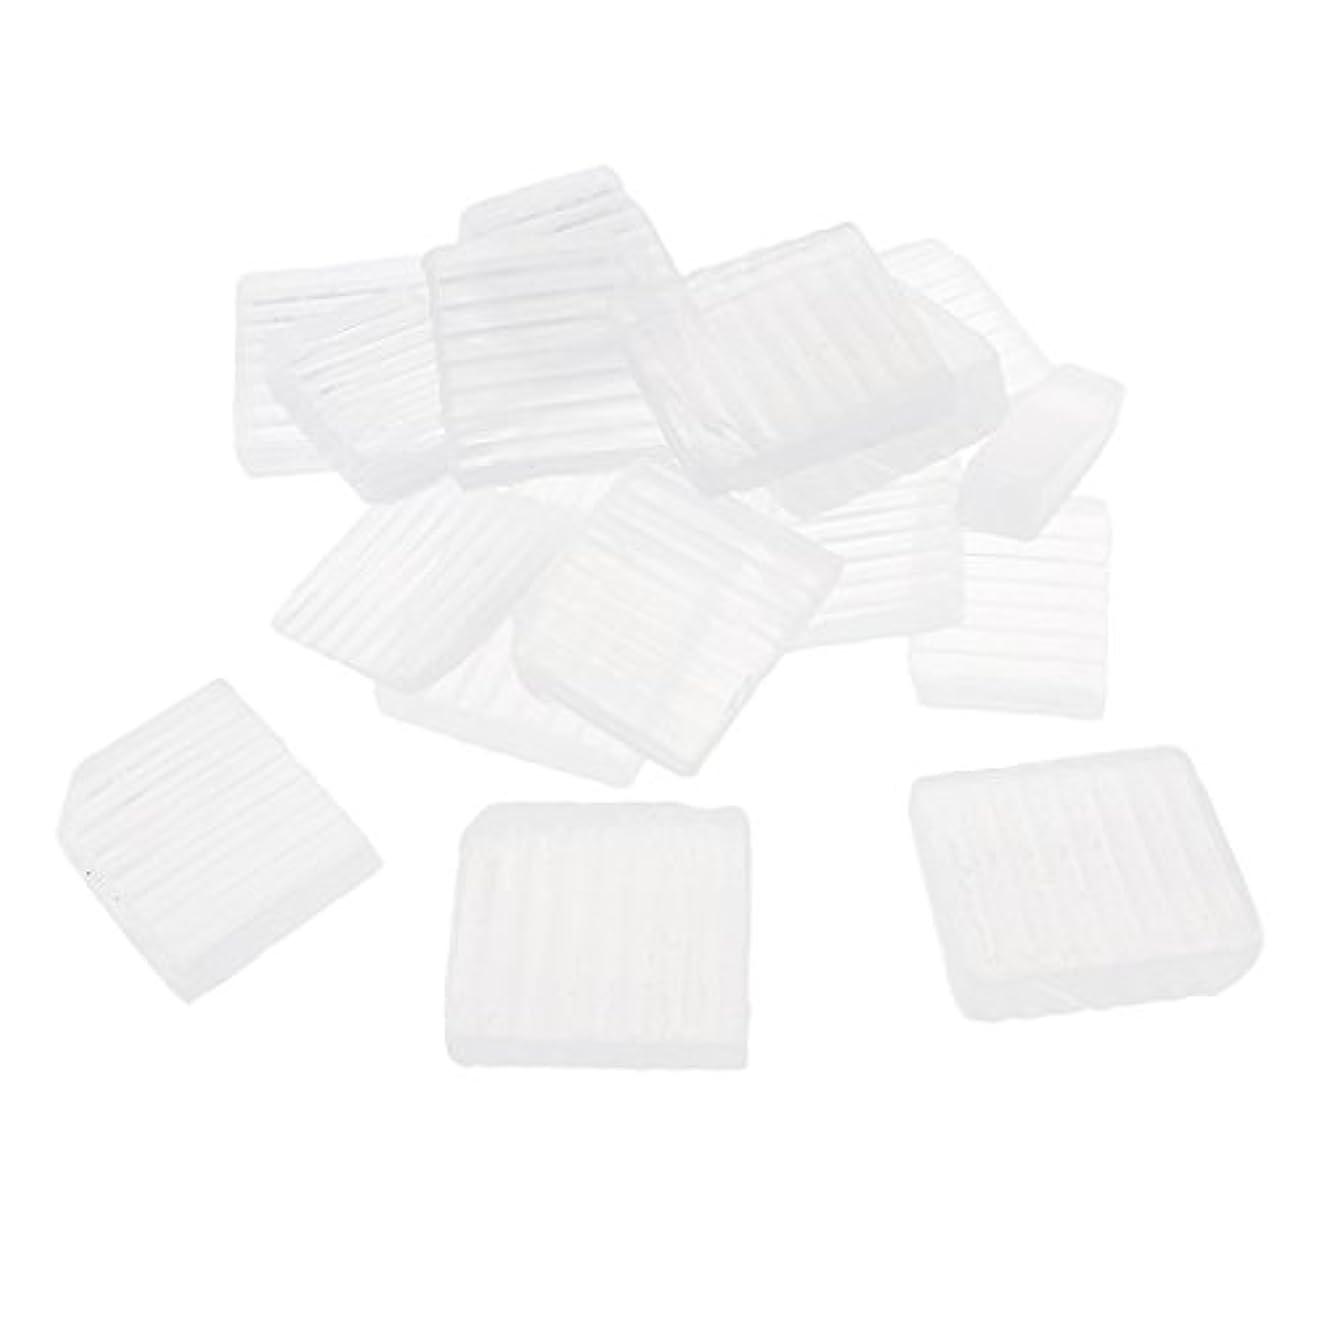 厚くするドメイン区透明 石鹸ベース DIY 手作り 石鹸 材料 約1 KG DIYギフト